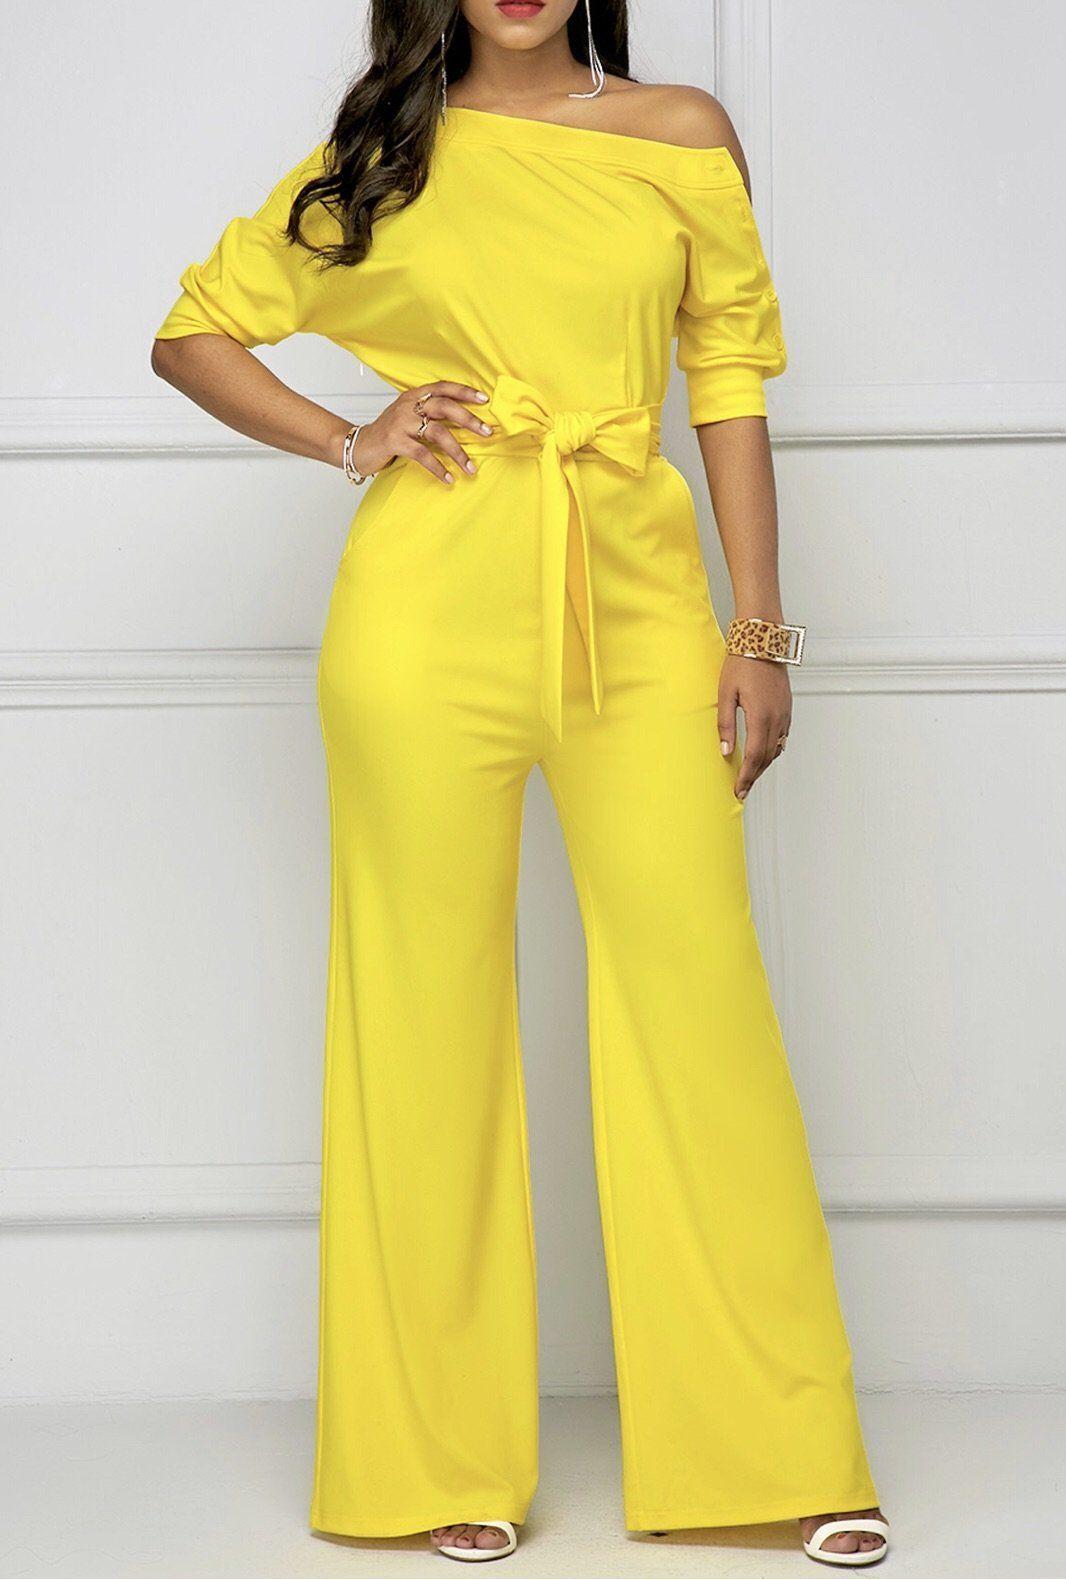 después de esto realeza creciendo  Lira - Amarillo - BdonnasImágenes efectivas que le proporcionamos sobre  elegantes desenho Una imagen de a… in 2020   Yellow jumpsuit, Half sleeve  jumpsuit, Fashion bottoms